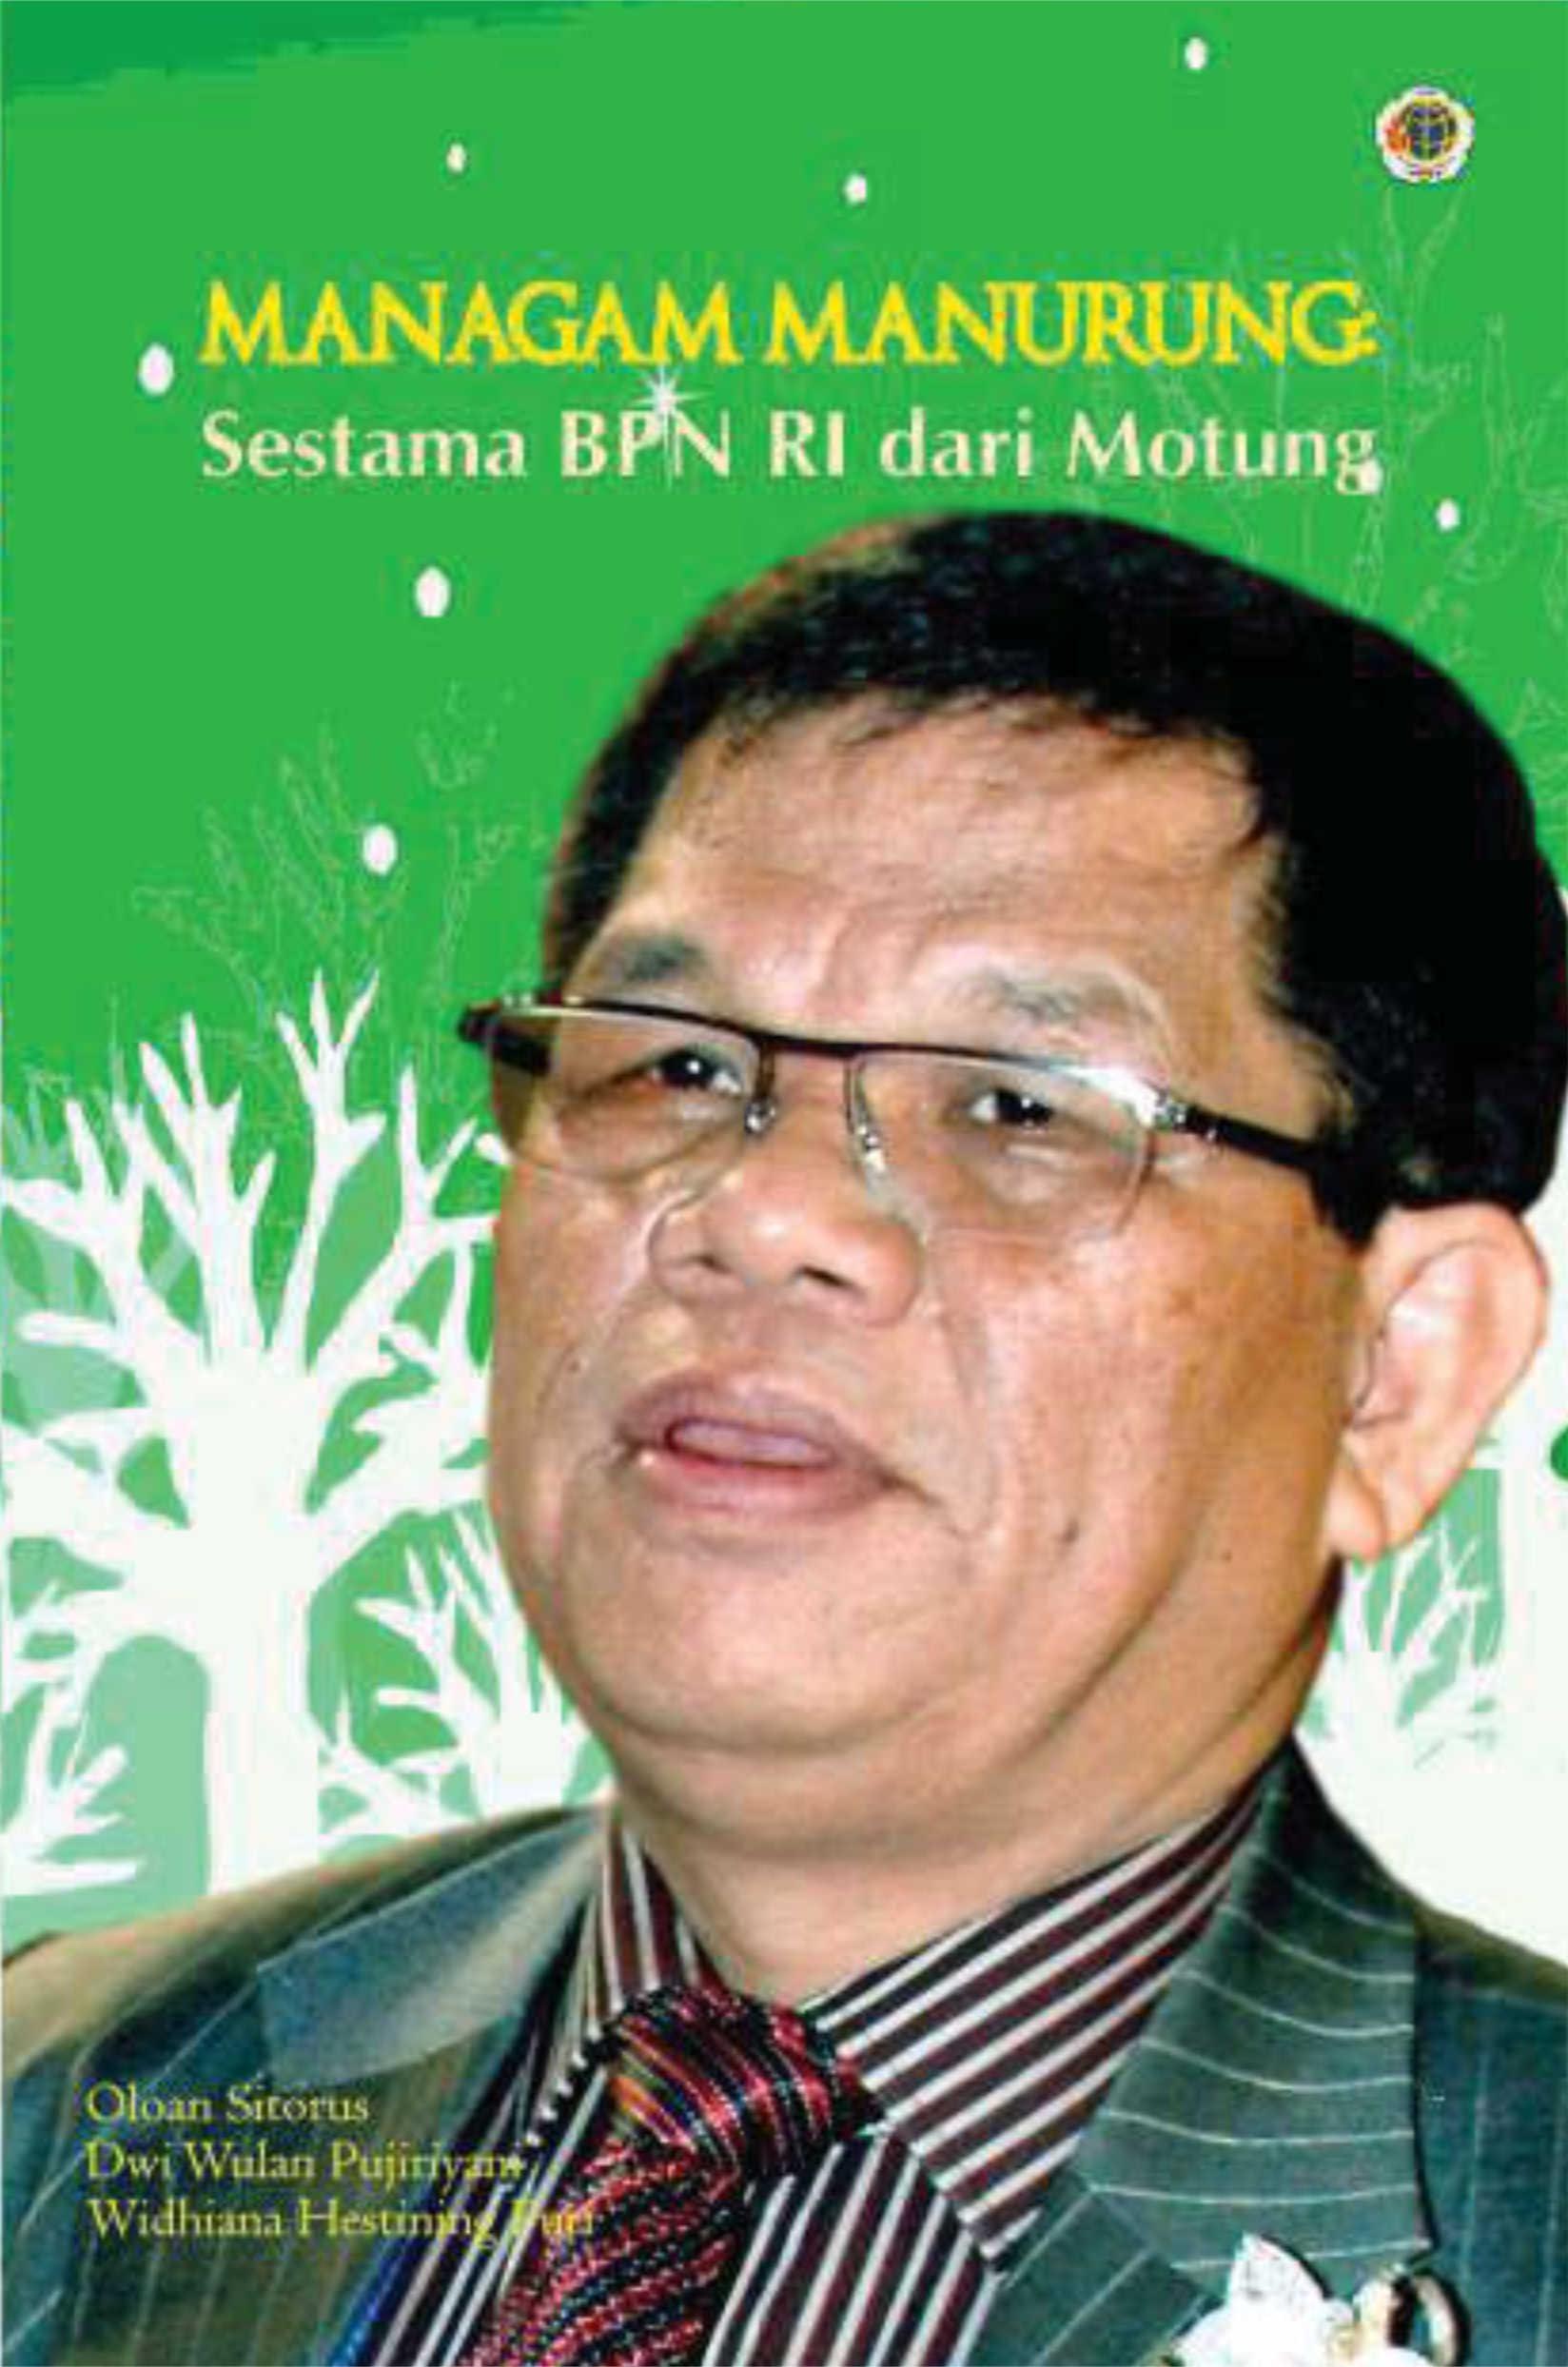 Biografi managam manurung [sumber elektronis] : sestama BPN RI dari Motung